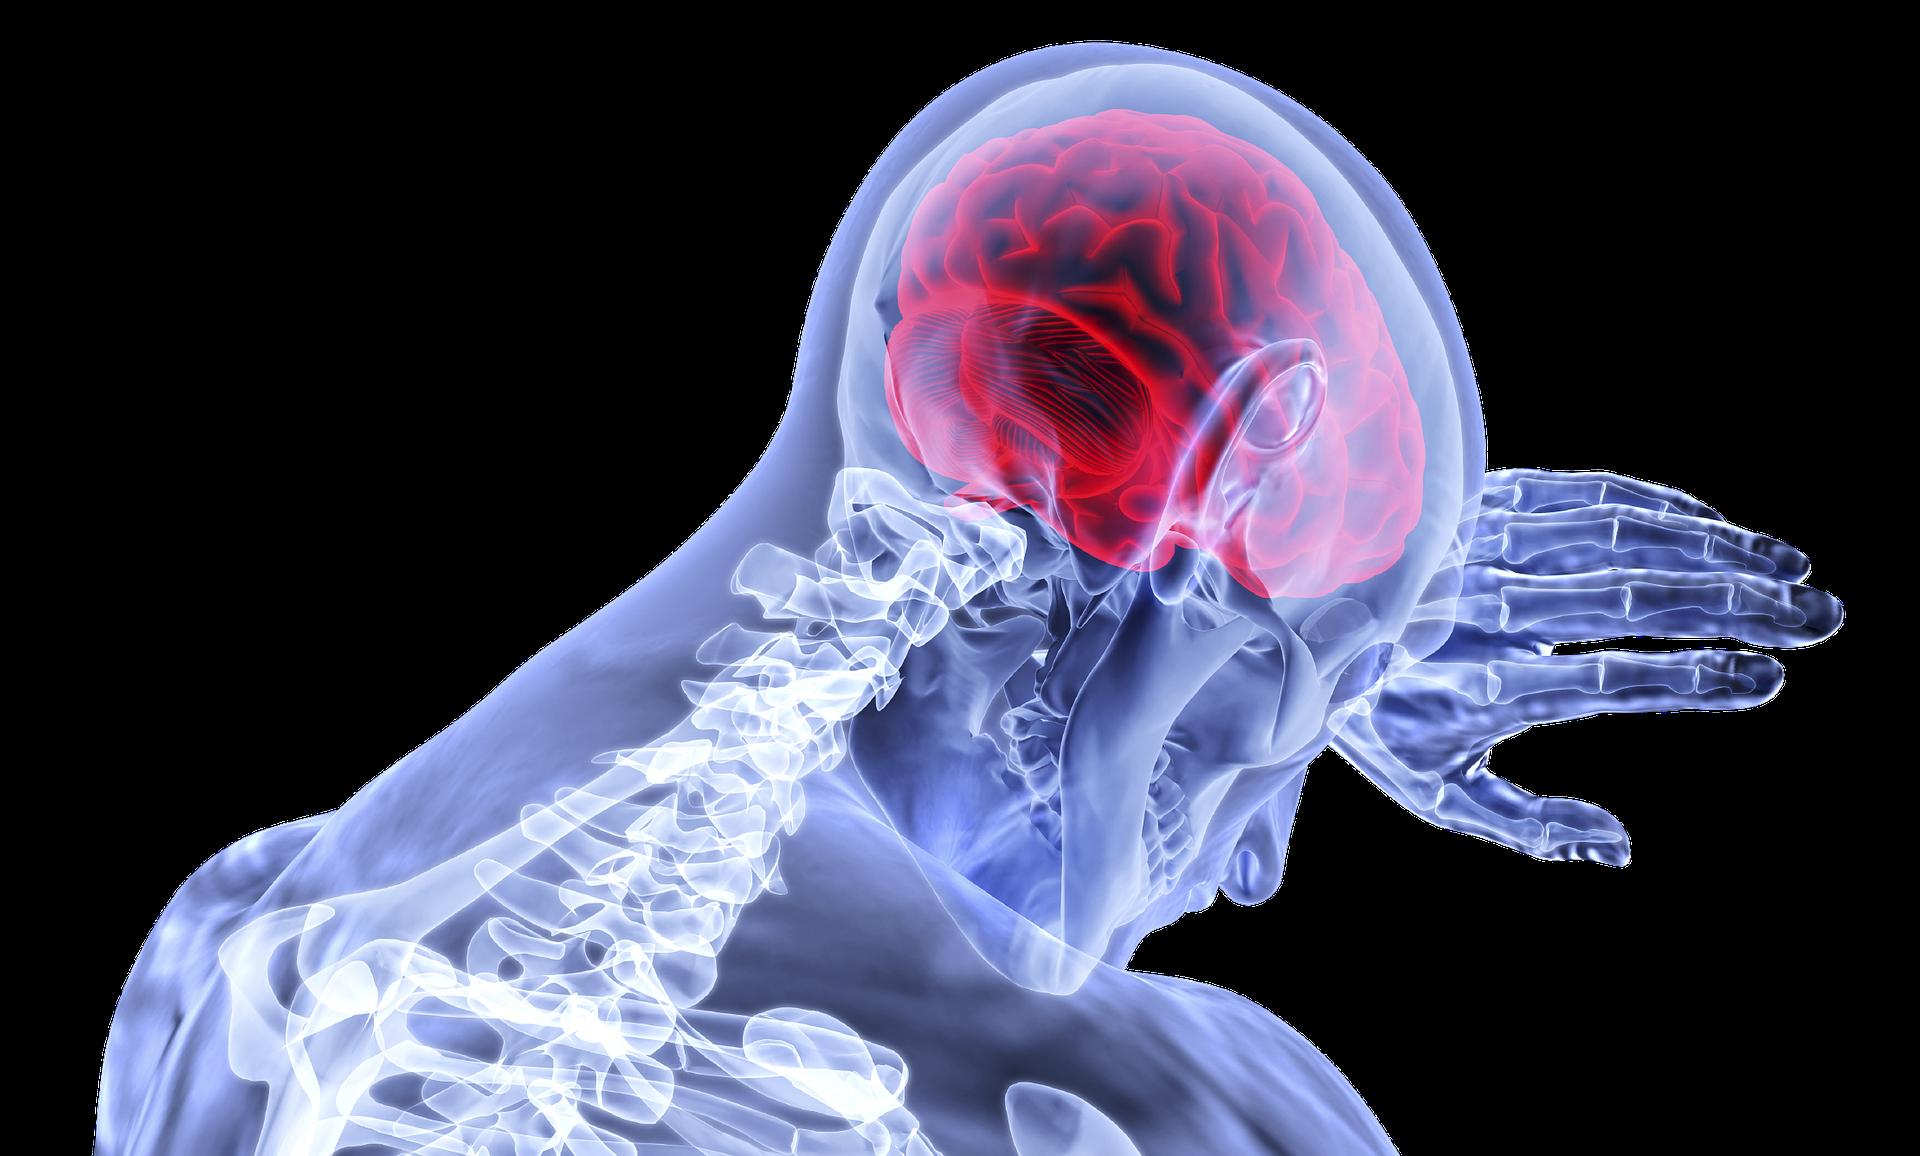 Višak masnog tkiva oko pojasa povezan s manjim volumenom mozga?